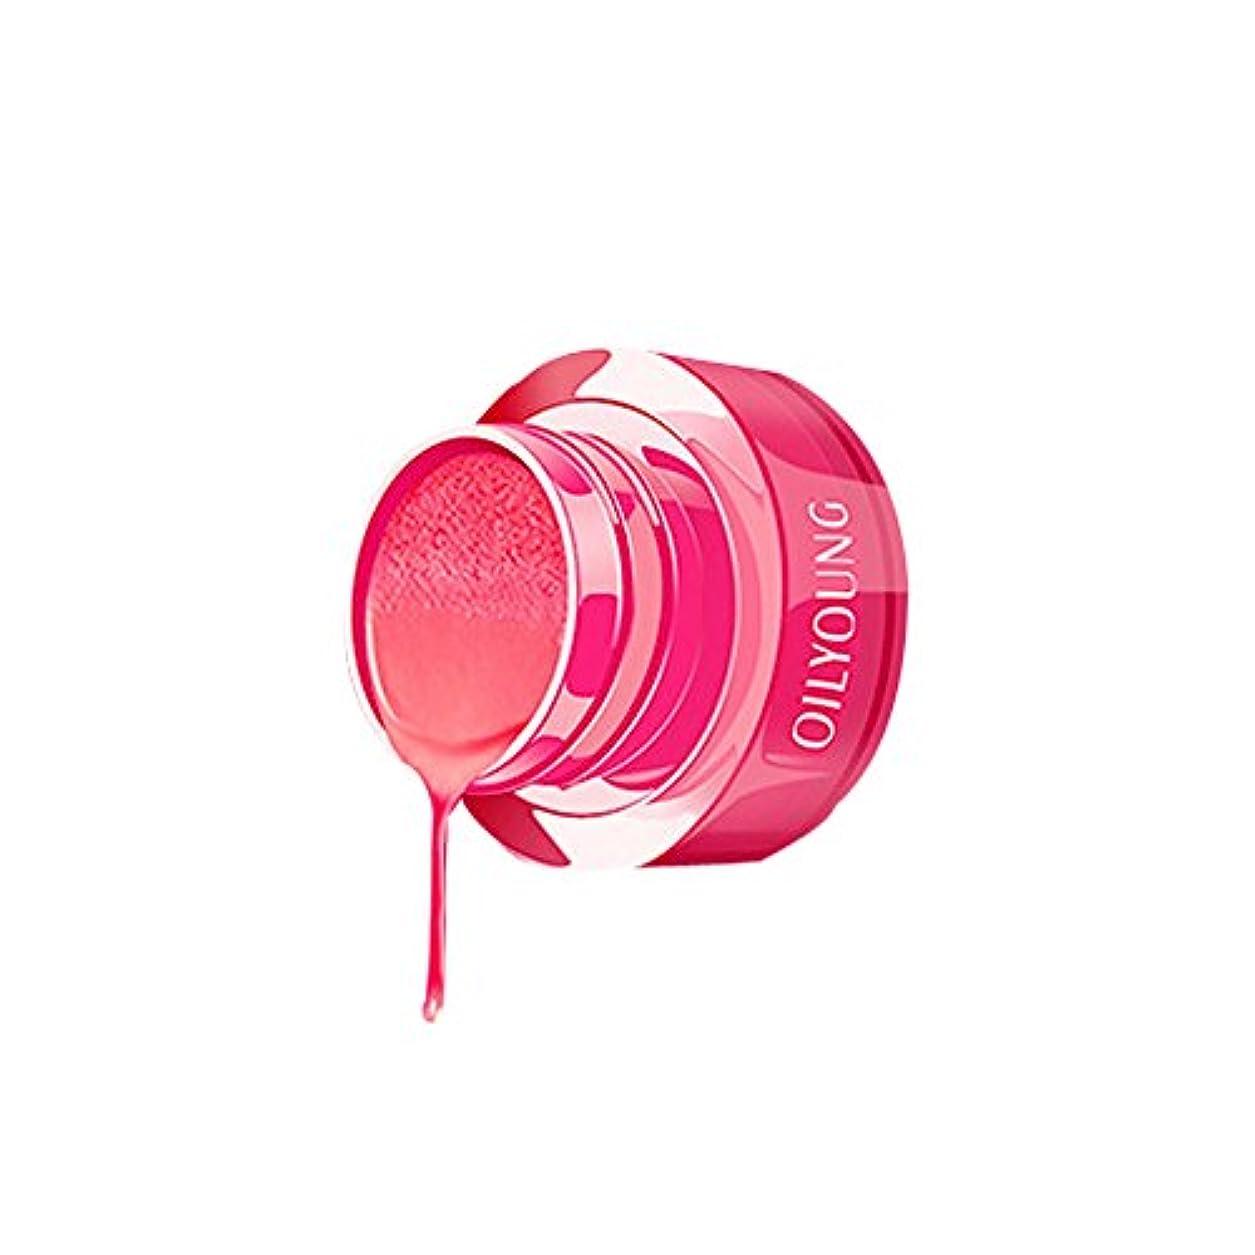 ファランクススリットクリックリップスティック 3グラム エアクッション口紅 ノーブル リップクリーム グラデーション 保湿 リップバーム リップグロス 化粧品 液体 水和 ツヤツヤな潤い肌の色を見せるルージュhuajuan